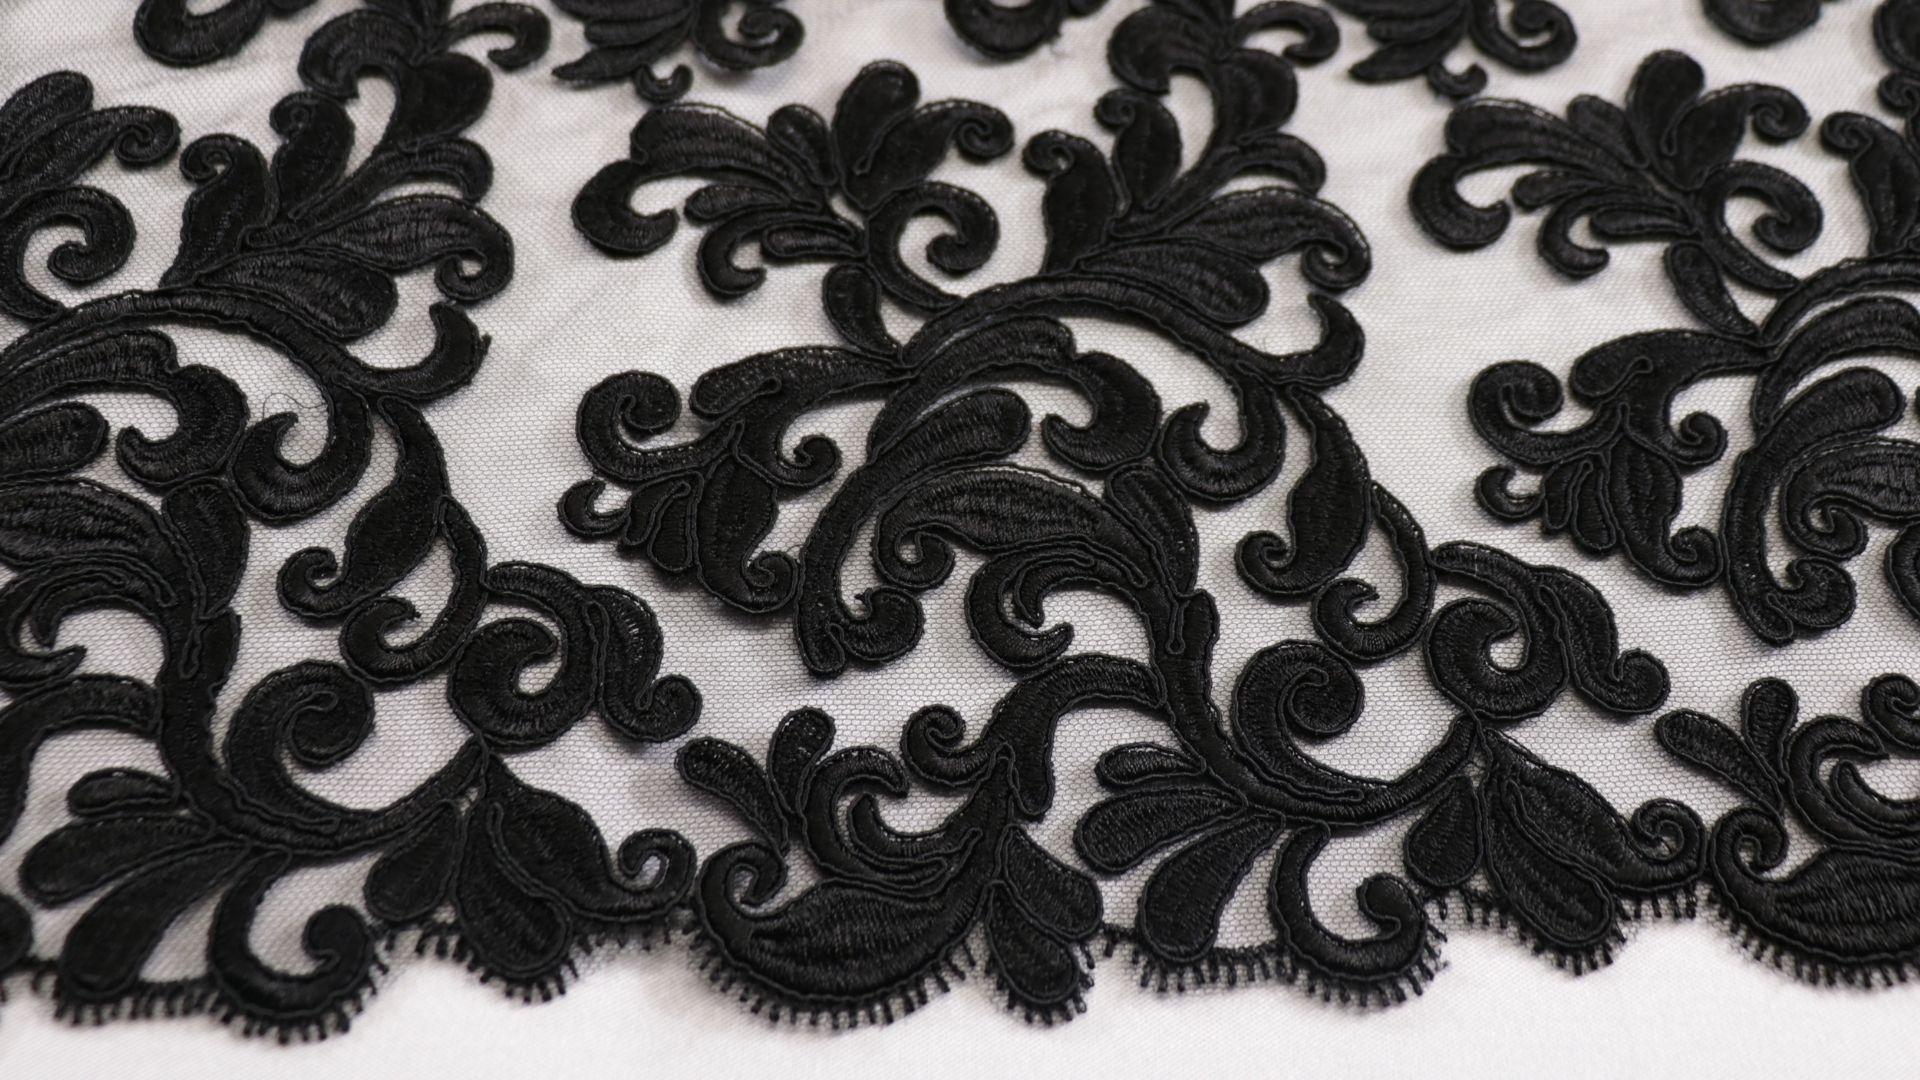 il particolare del tessuto lv10248, appartenente alla categoria ricami senza accessori, di Leadford & Logan